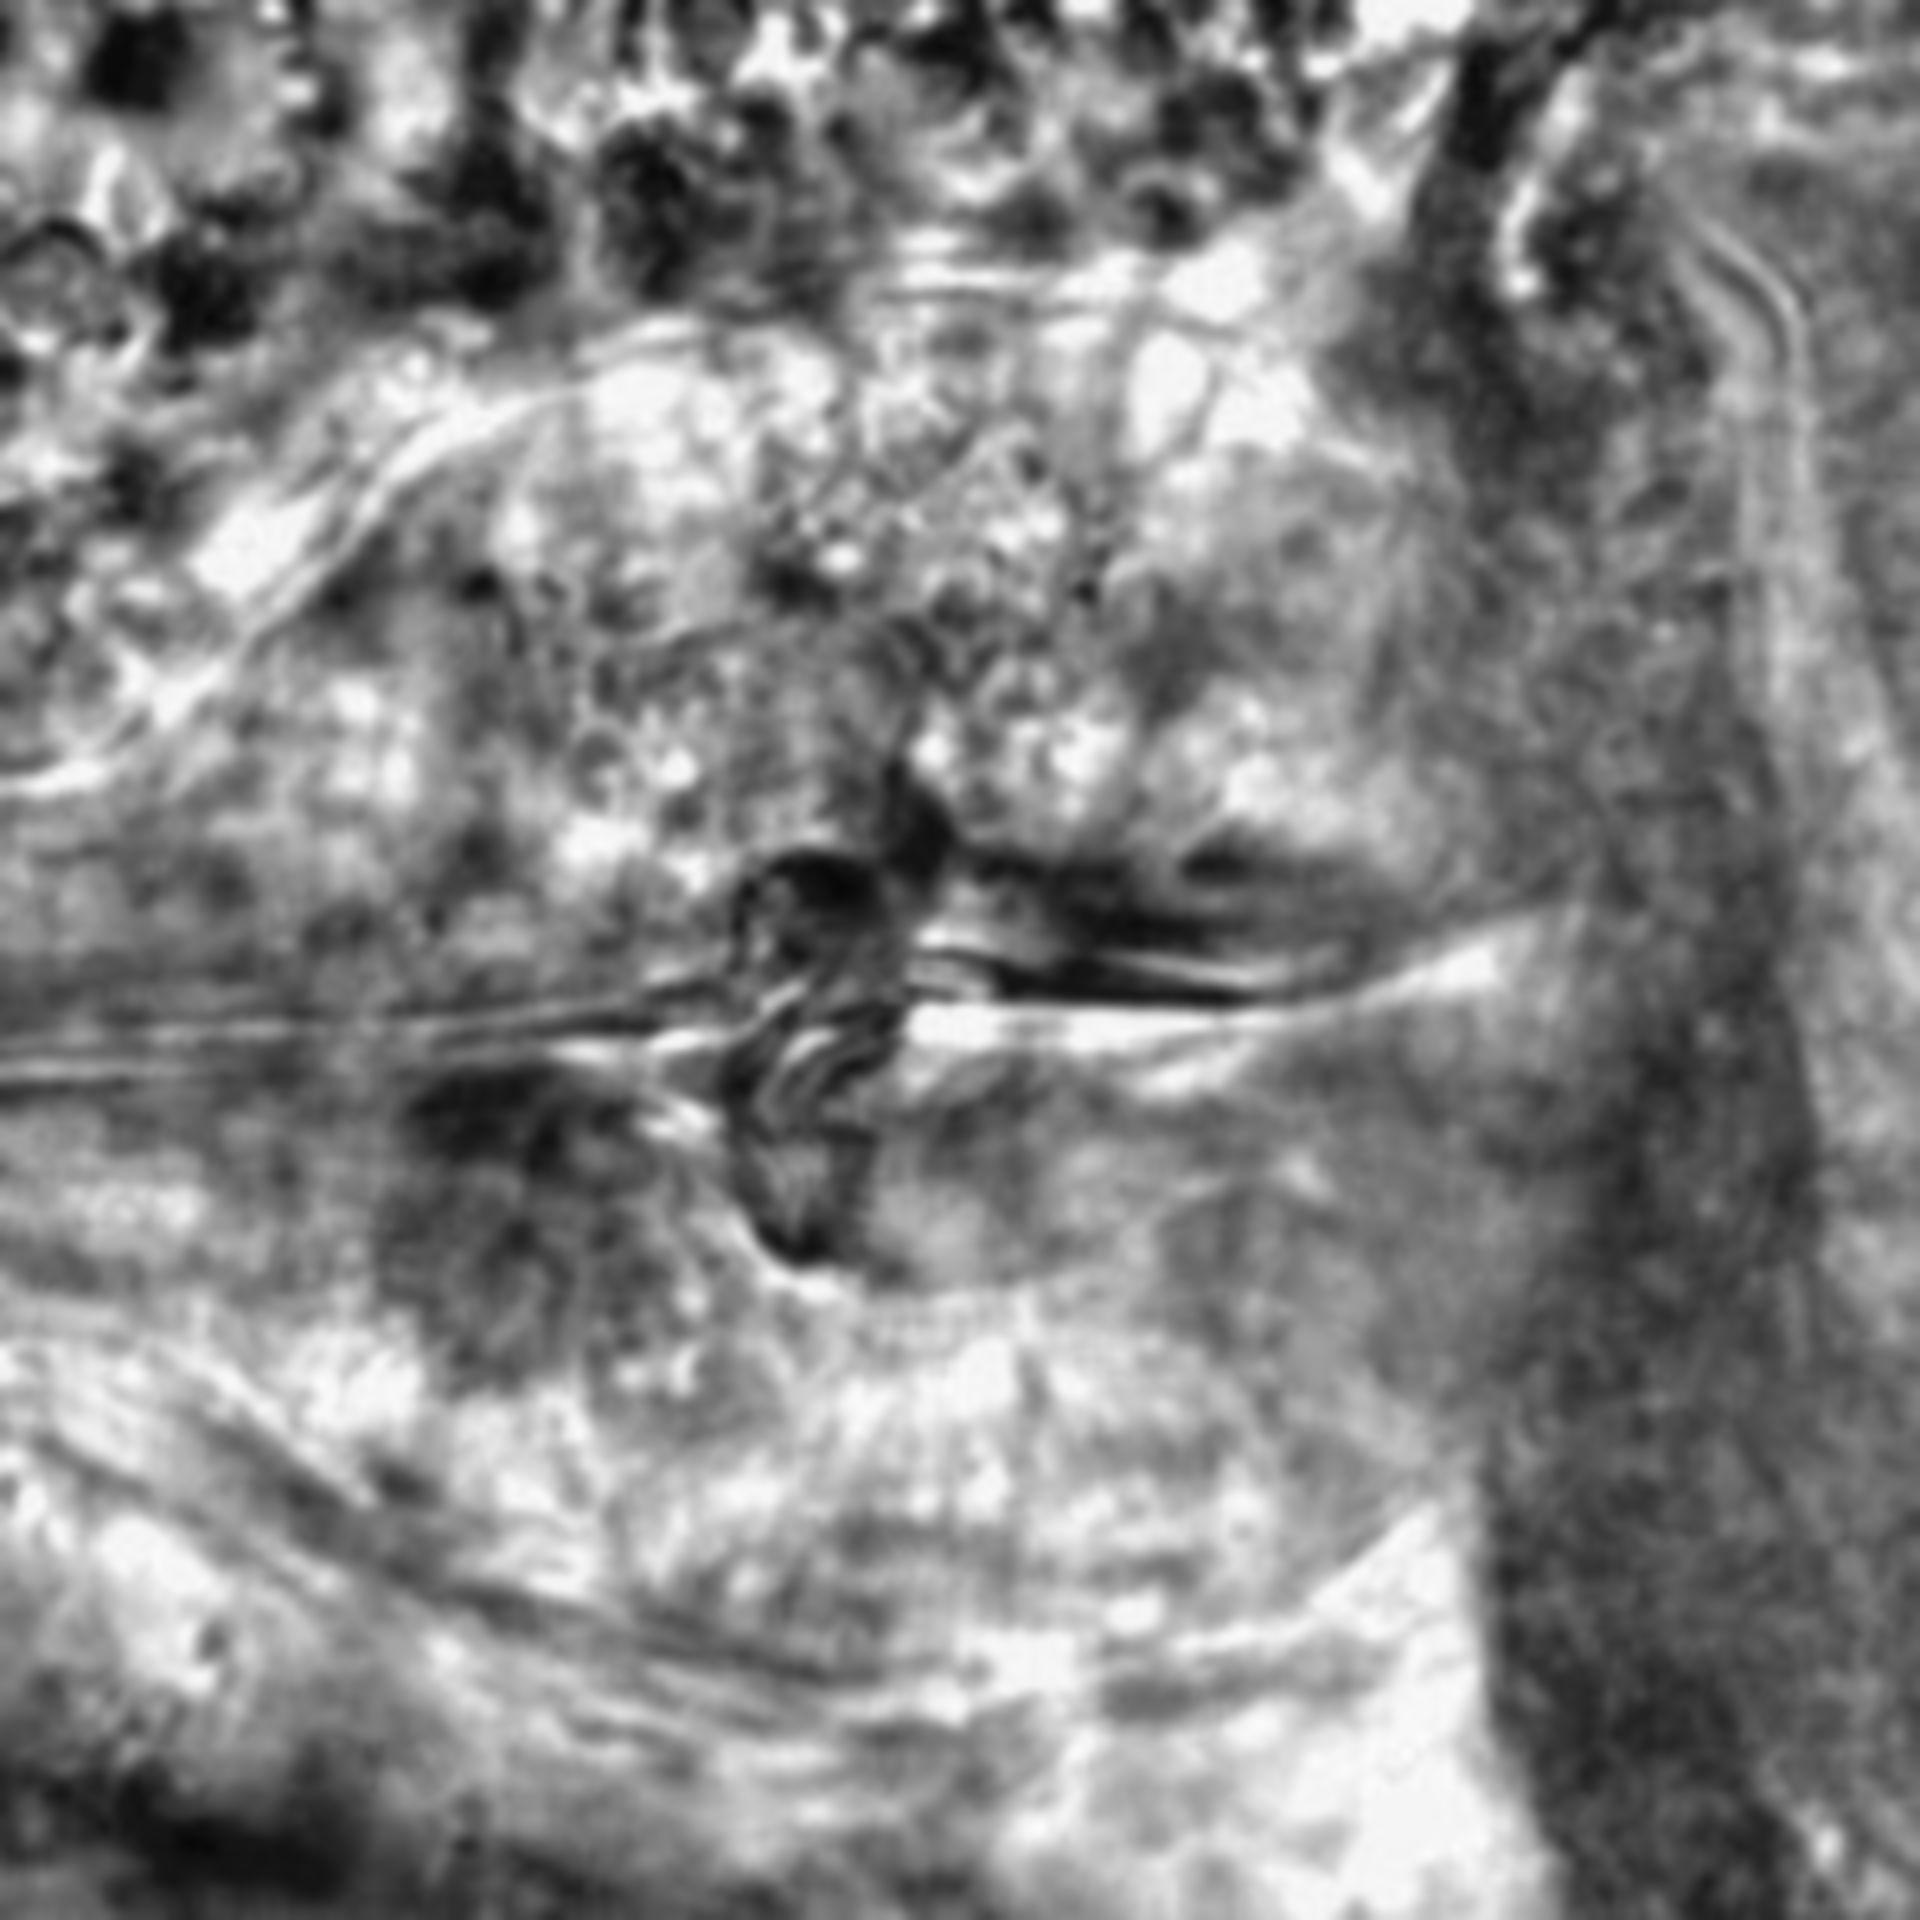 Caenorhabditis elegans - CIL:2297